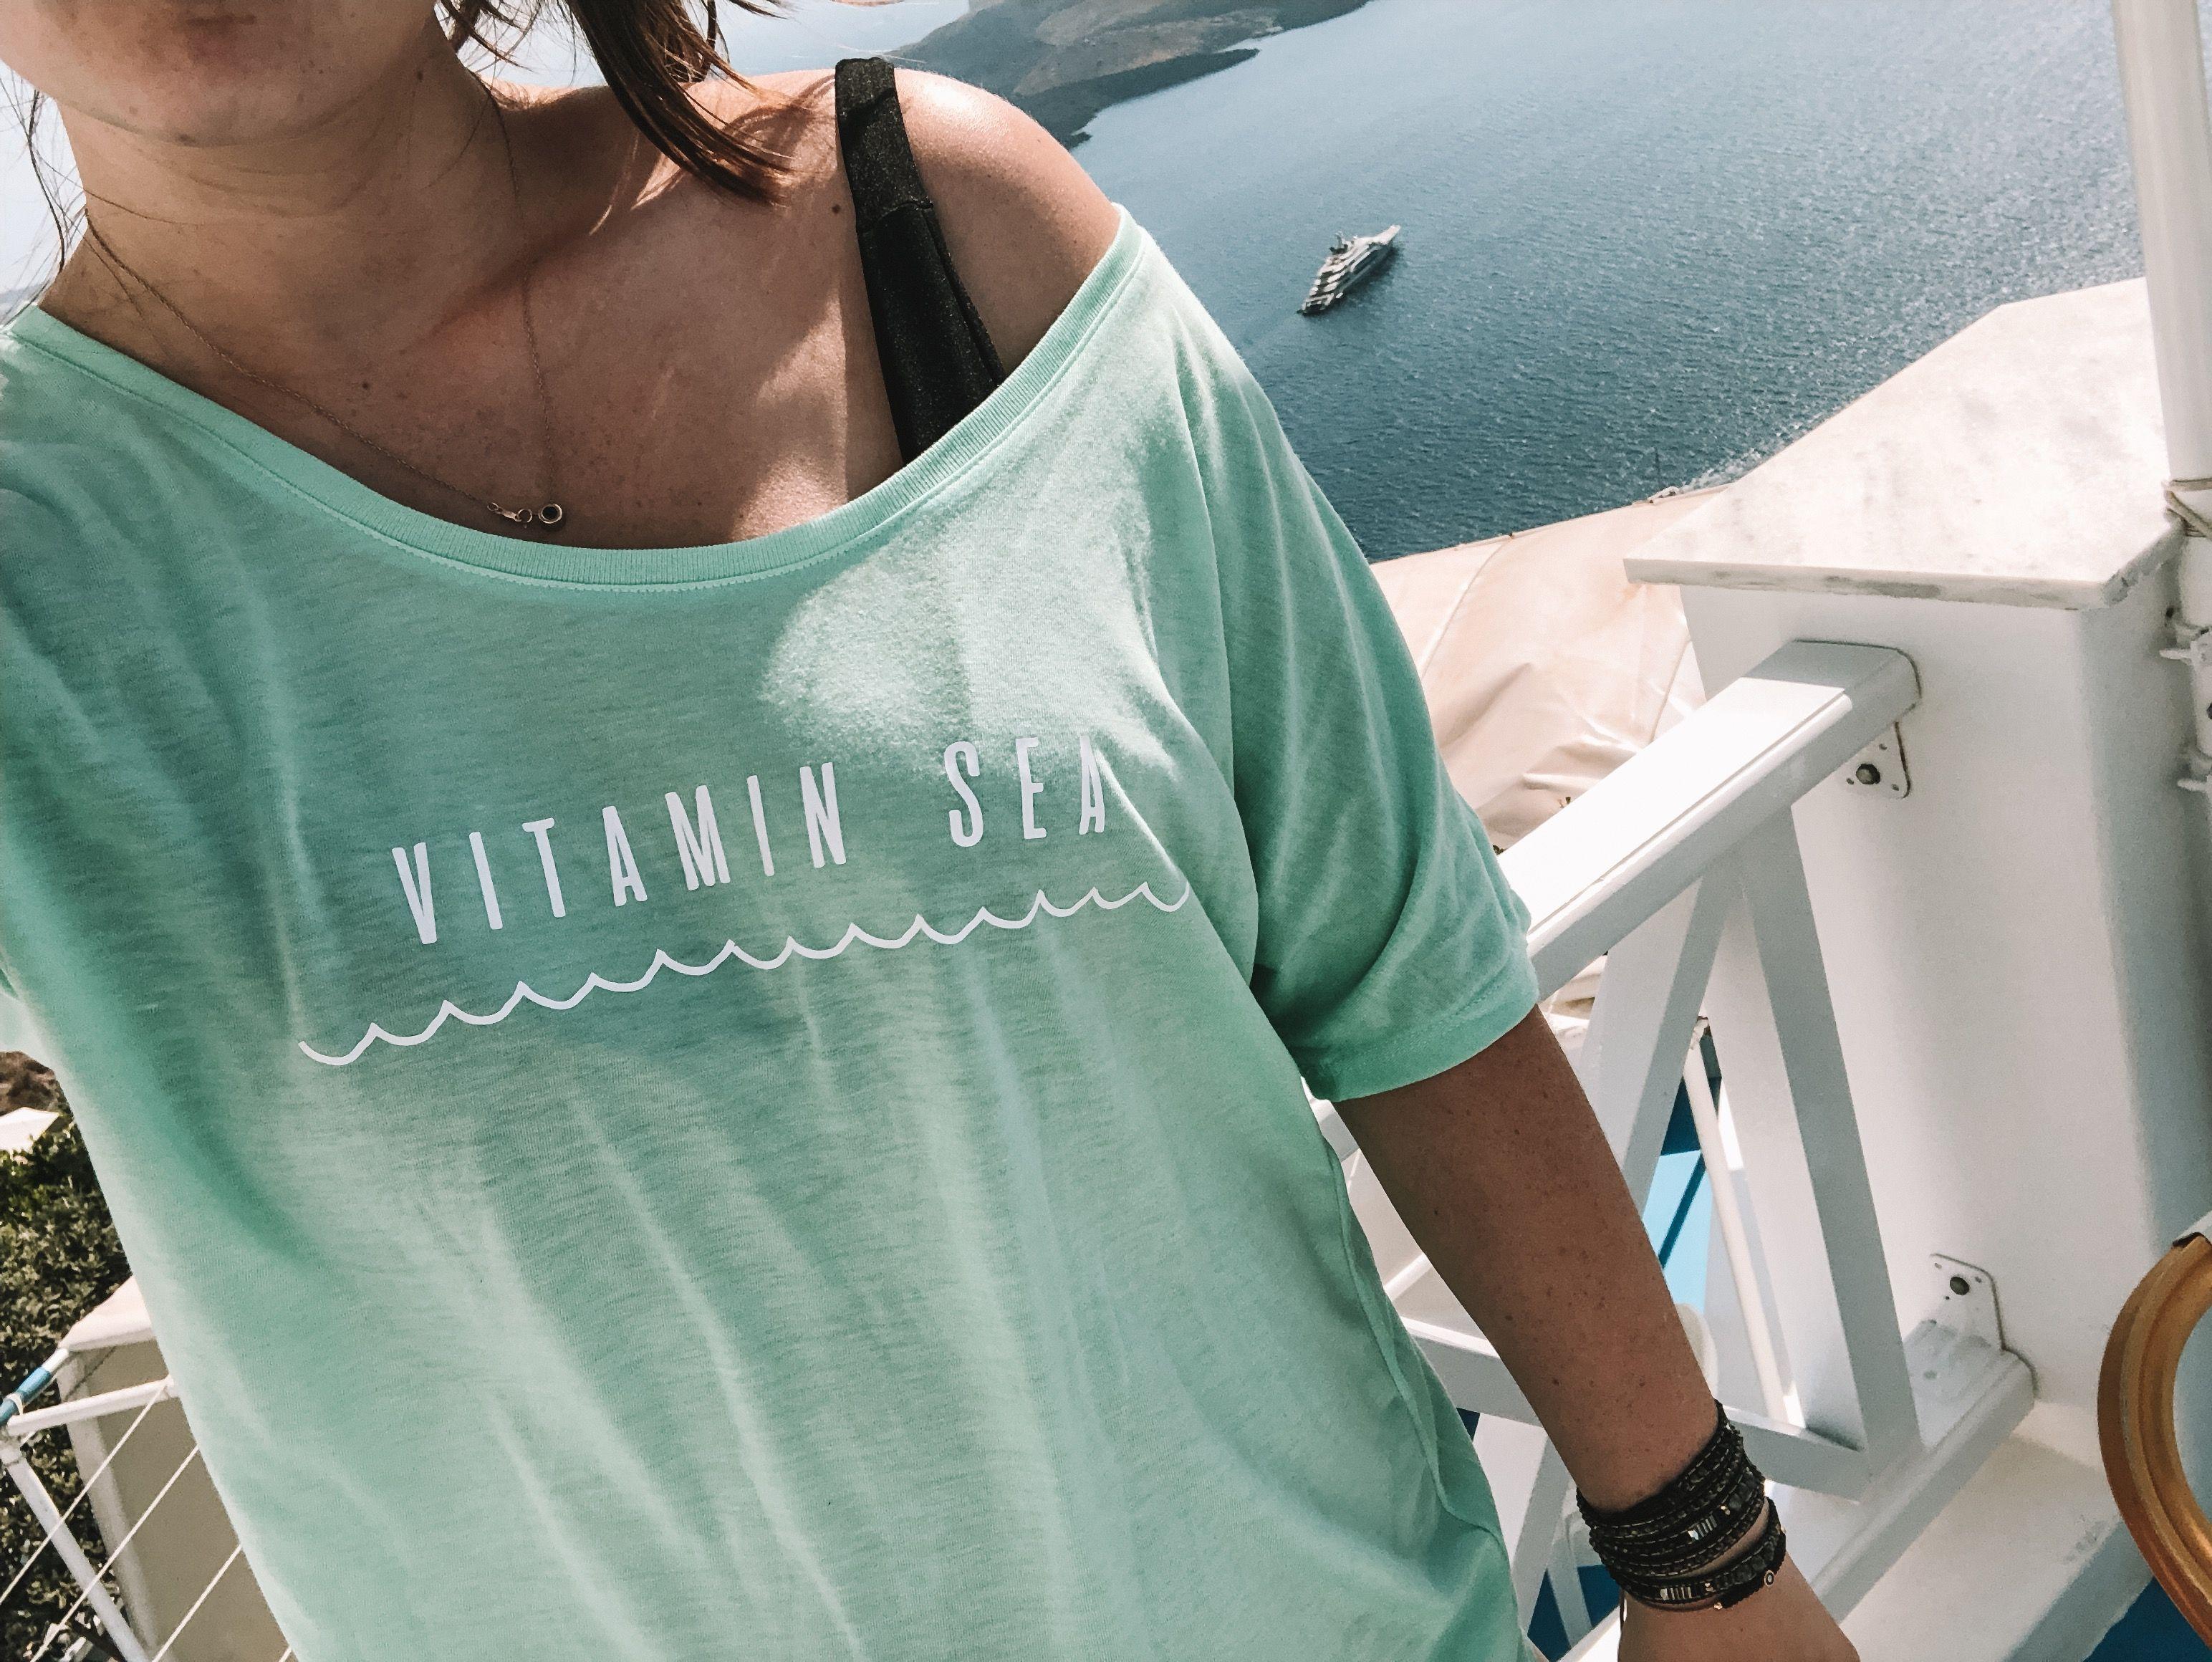 da083697 Women's Beach Vacation Shift, Vitamin Sea Shirt, Beach Vacation Outfit, Women's  Beach Outfit, Women's Beach T-Shirt, Beach Vacation Outfit Ideas, ...